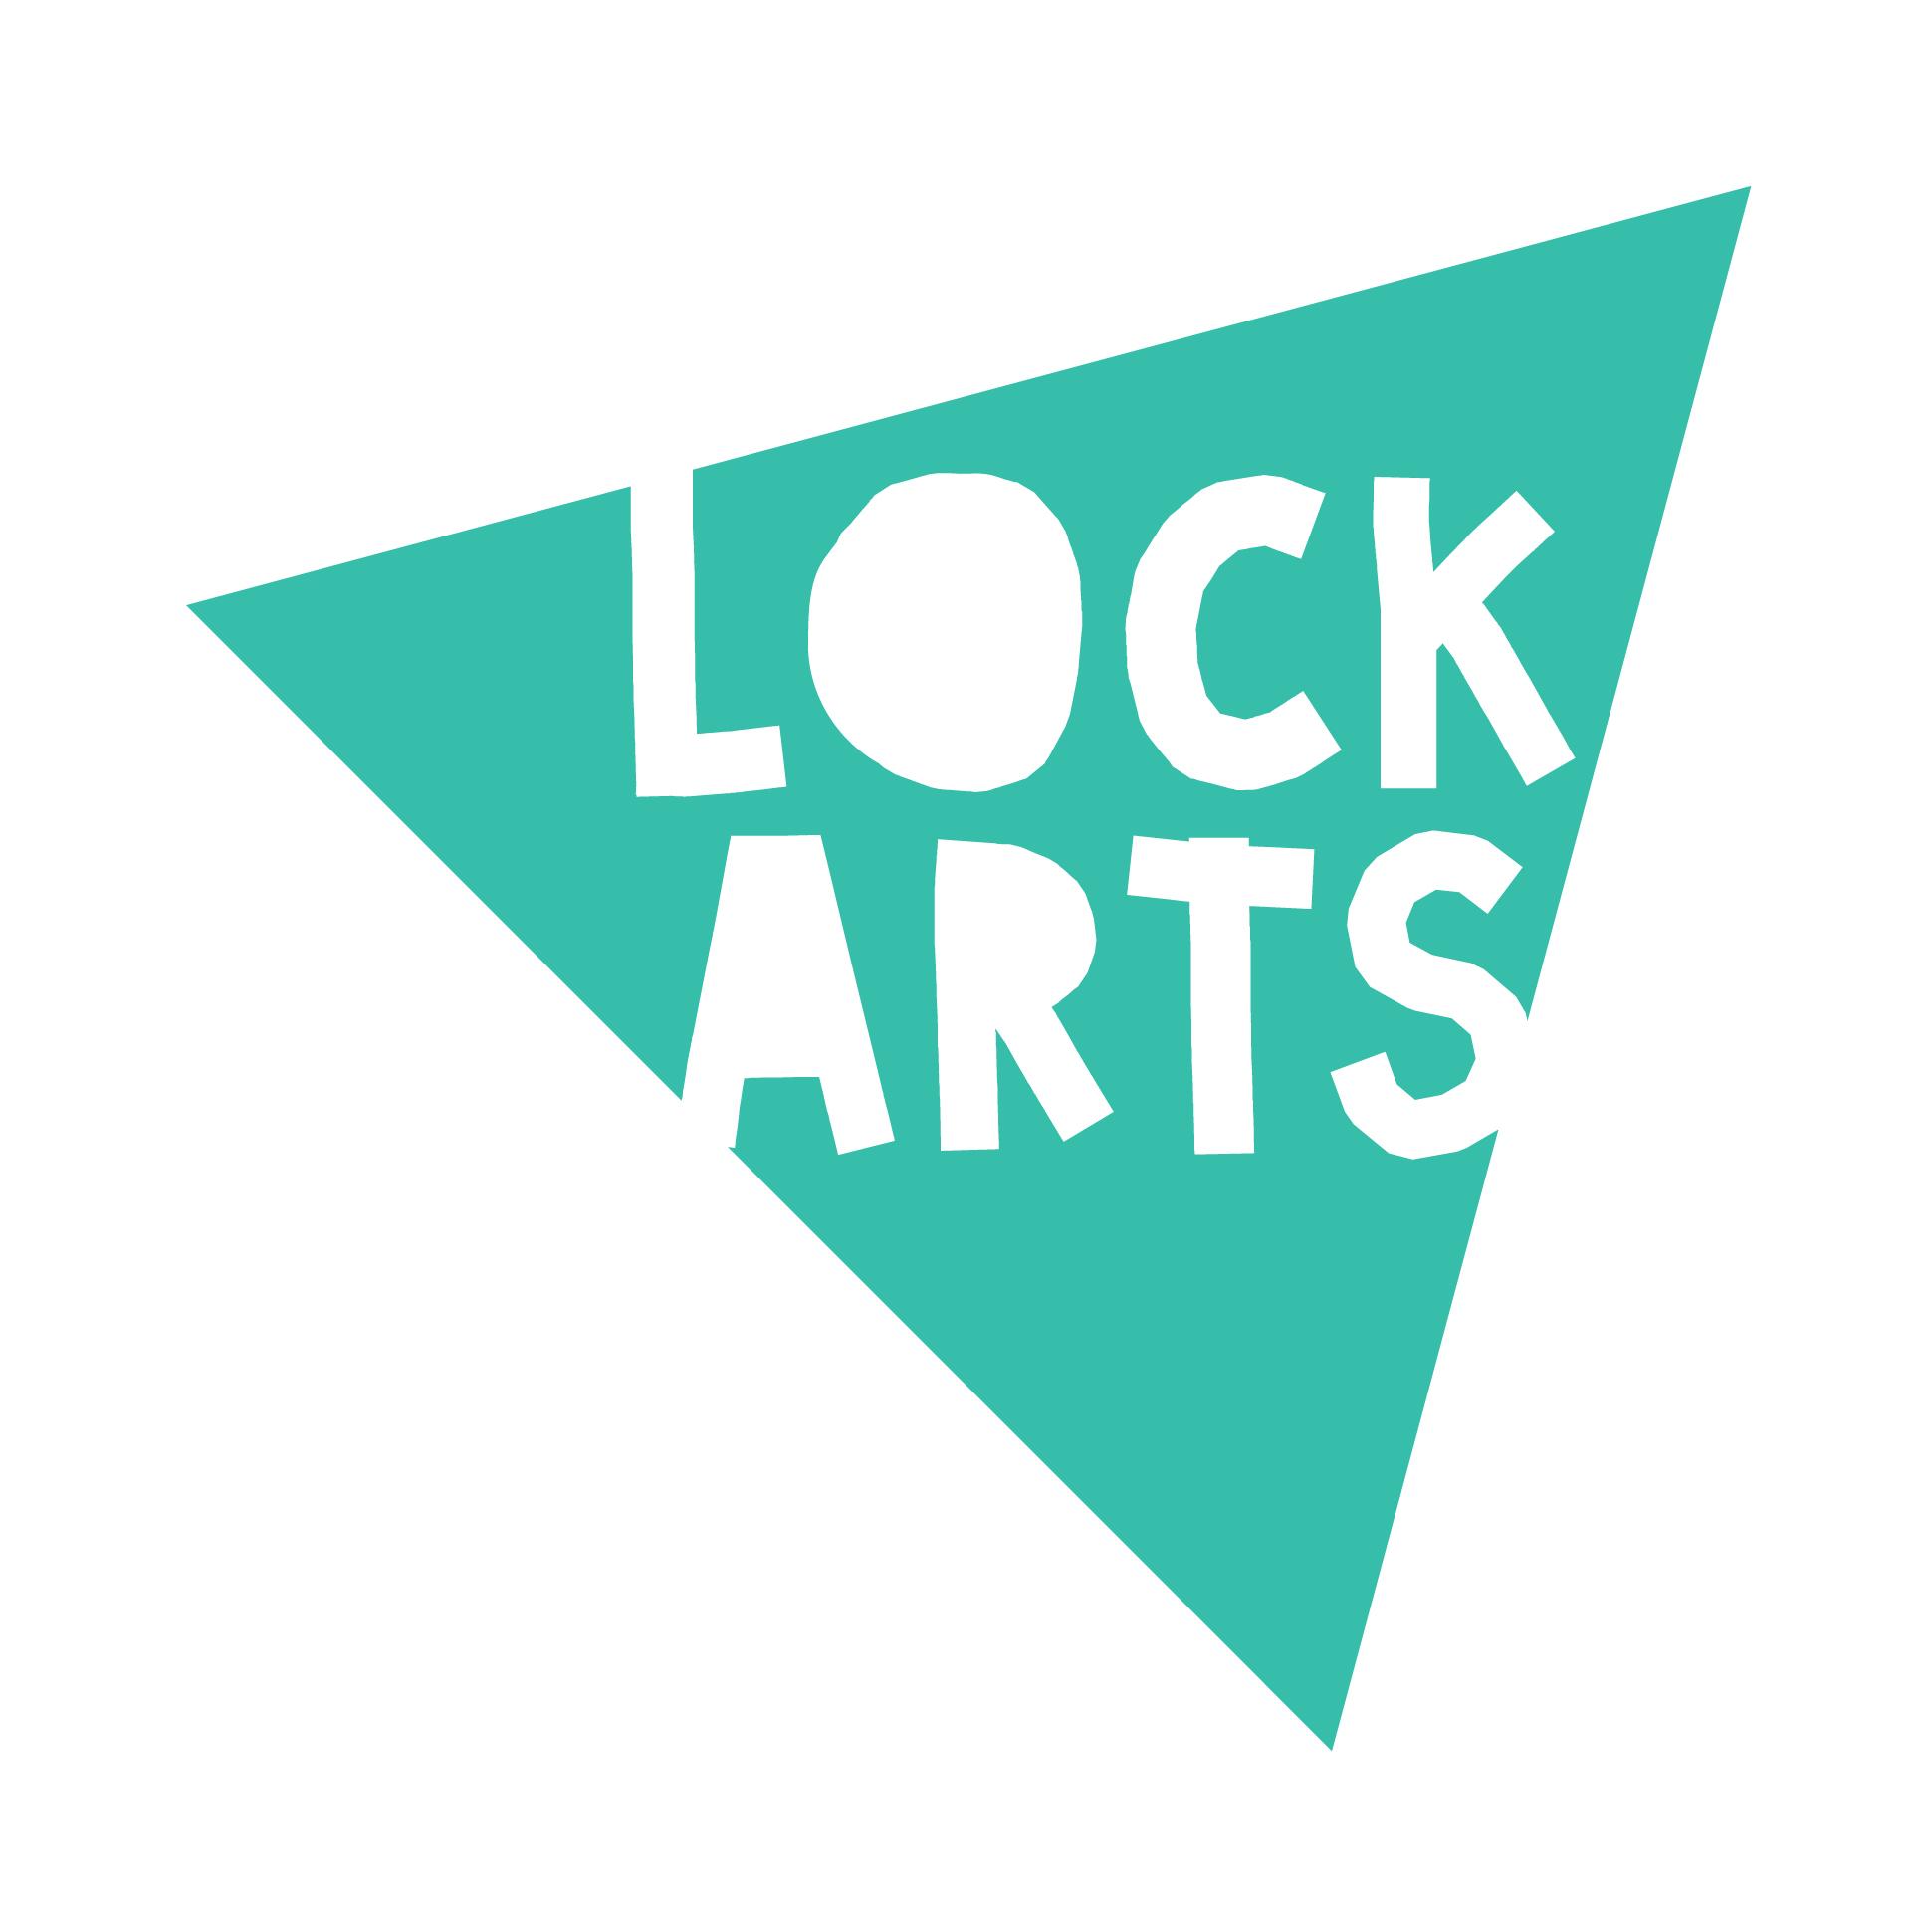 Lockarts-03turquoise.jpg